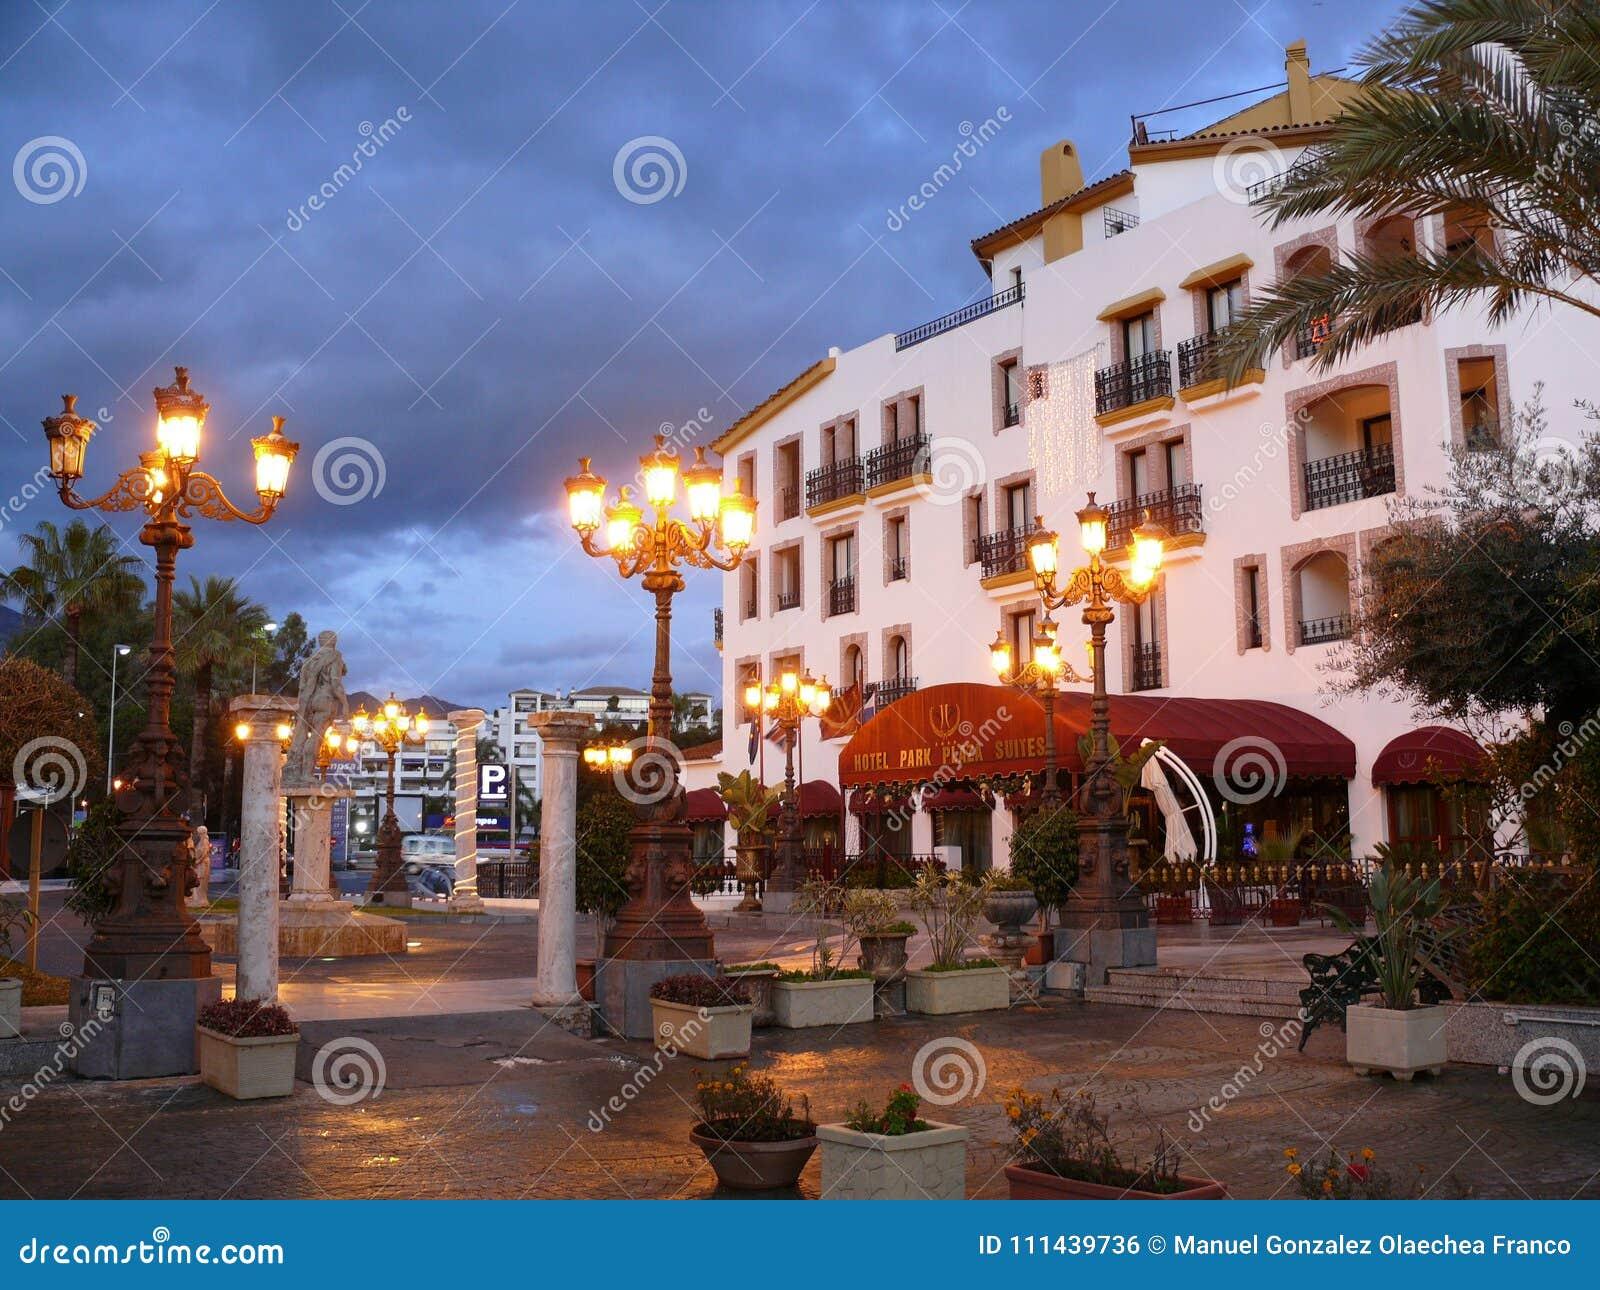 Καλή σκηνή νύχτας ενός ξενοδοχείου σε Puerto Banus, Ισπανία